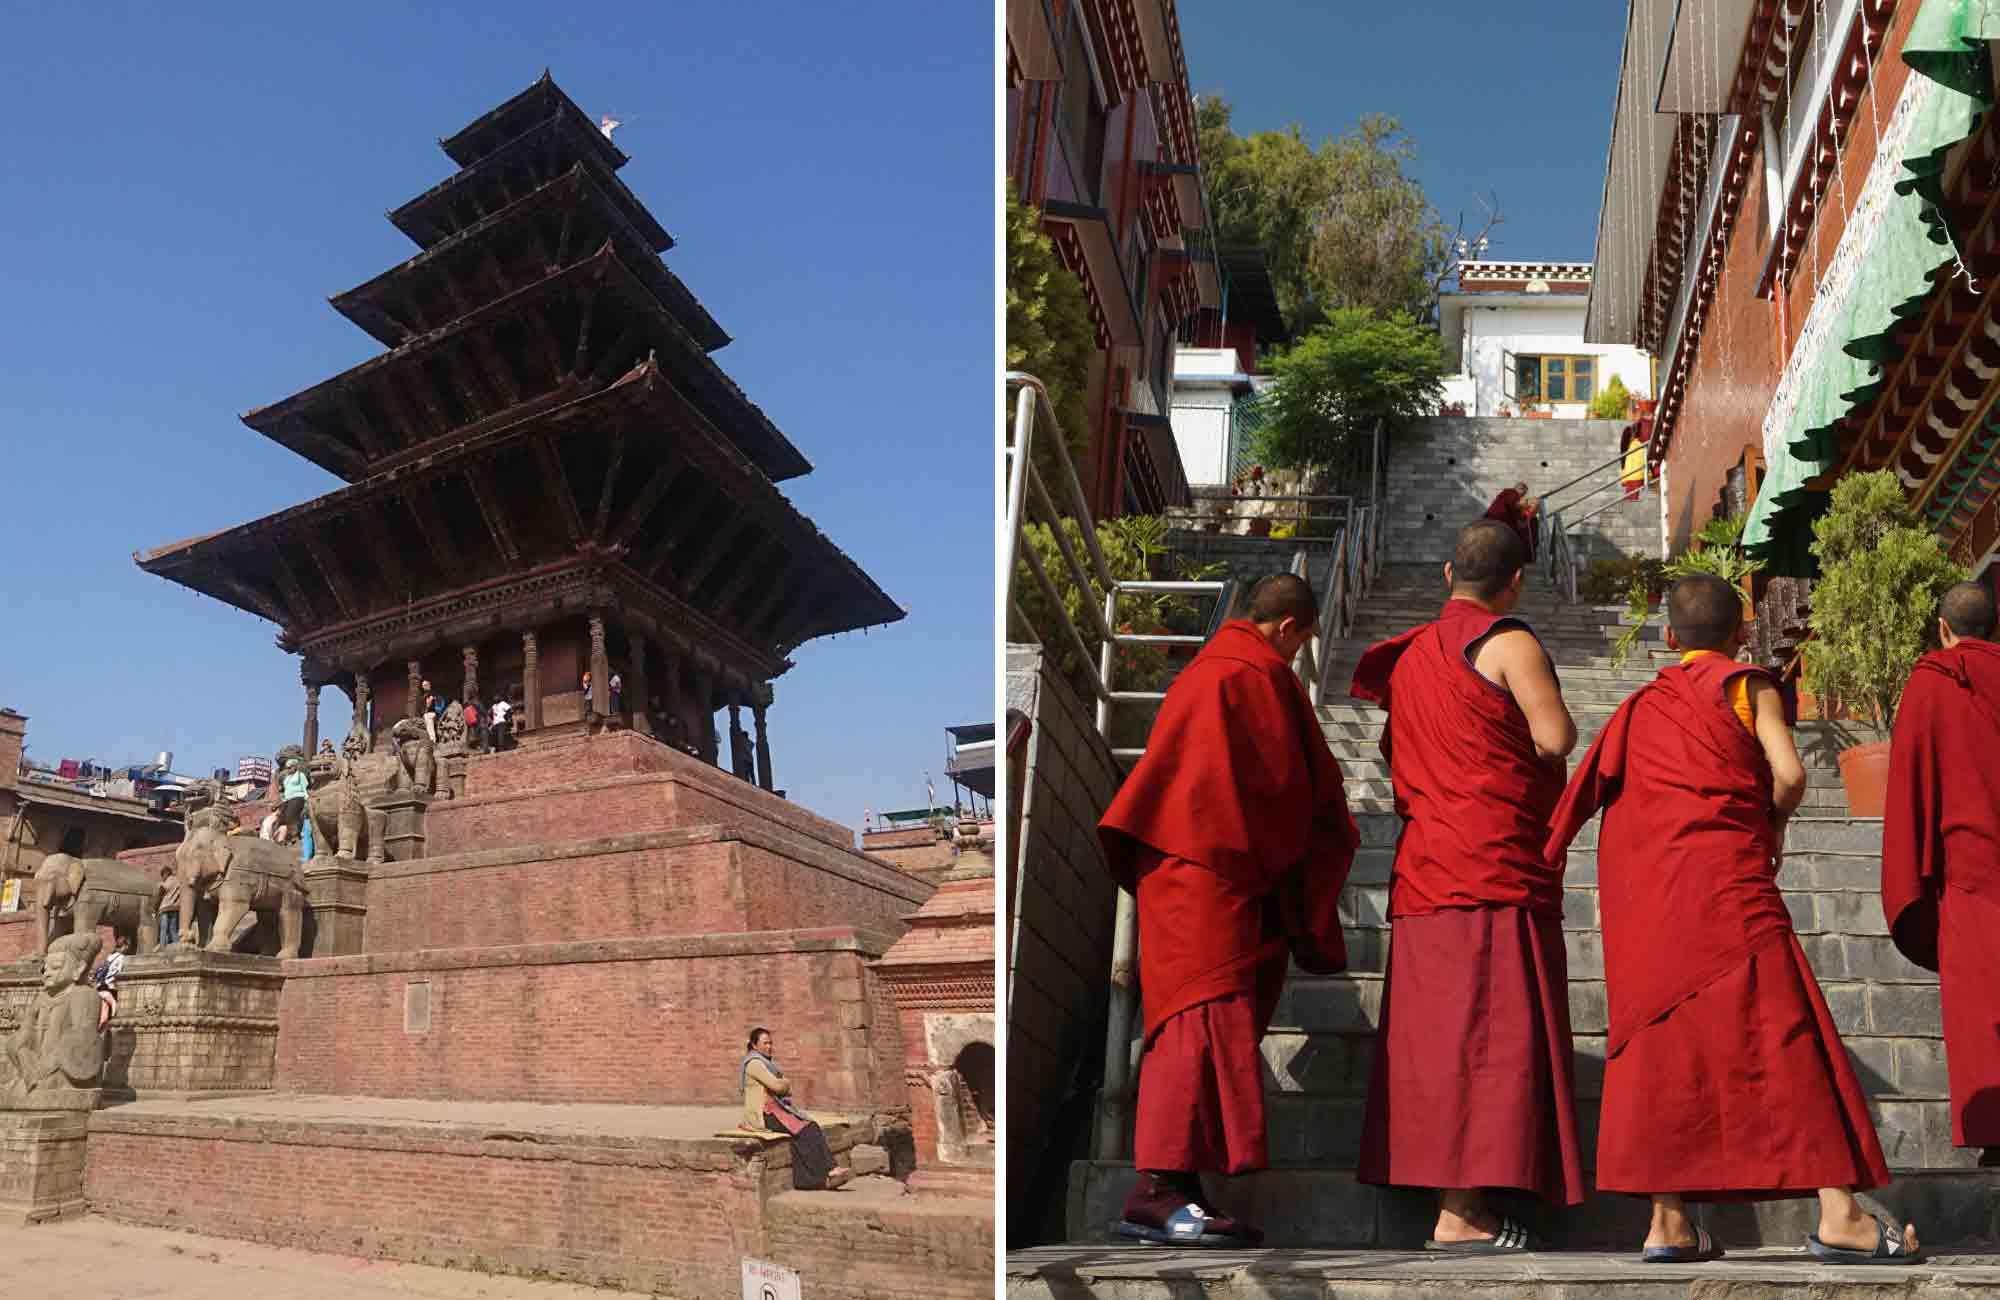 Temple de Bhaktapur et moines au Népal - Amplitudes voyage